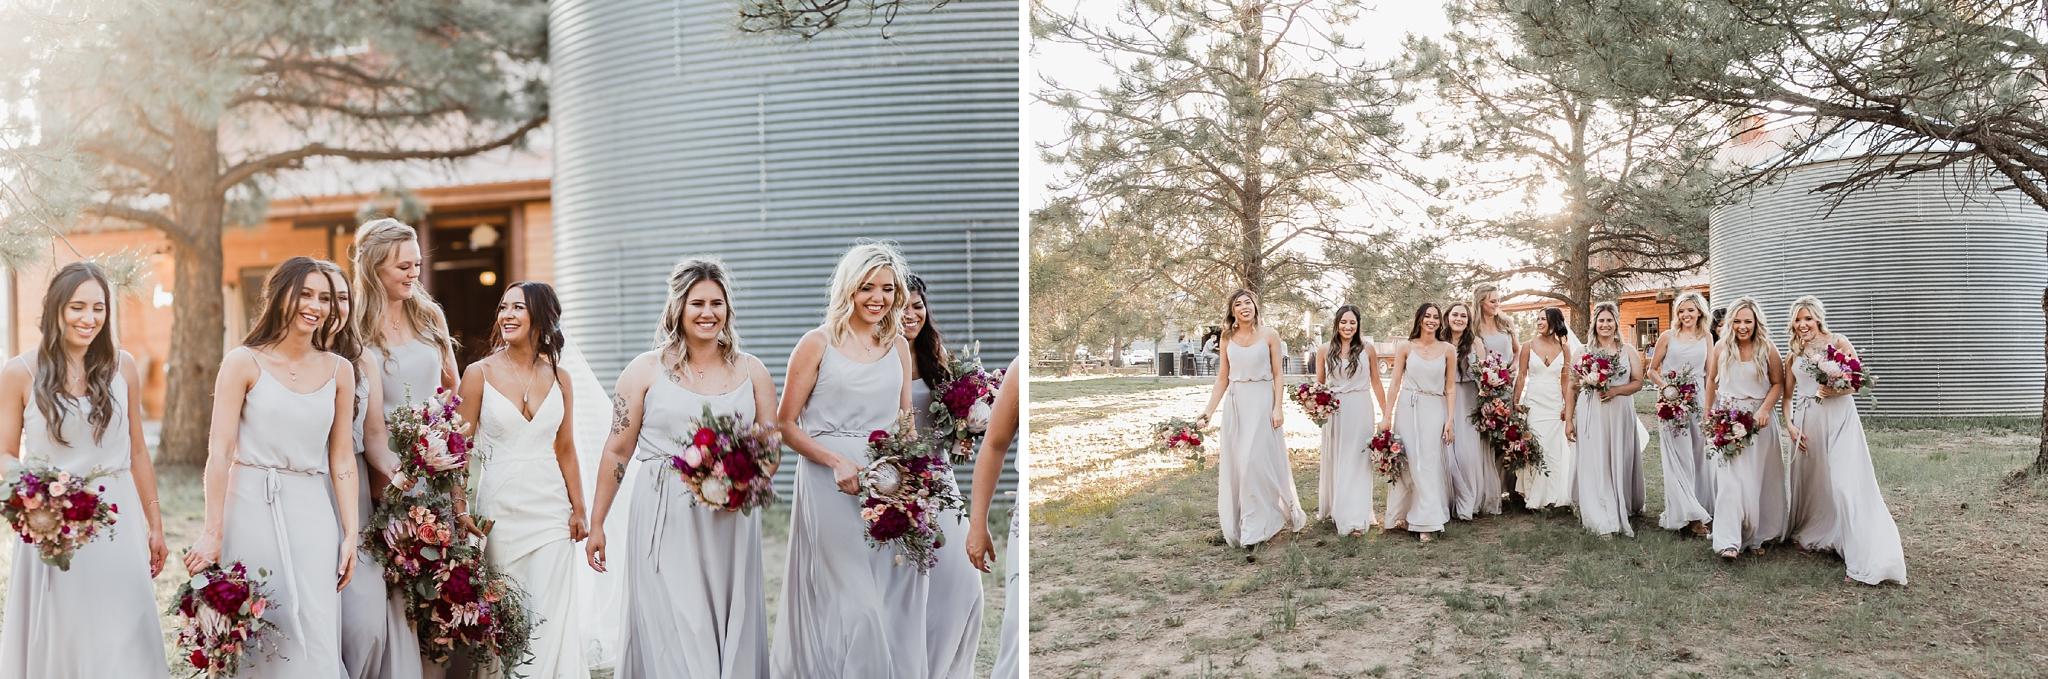 Alicia+lucia+photography+-+albuquerque+wedding+photographer+-+santa+fe+wedding+photography+-+new+mexico+wedding+photographer+-+new+mexico+wedding+-+new+mexico+wedding+-+barn+wedding+-+enchanted+vine+barn+wedding+-+ruidoso+wedding_0120.jpg